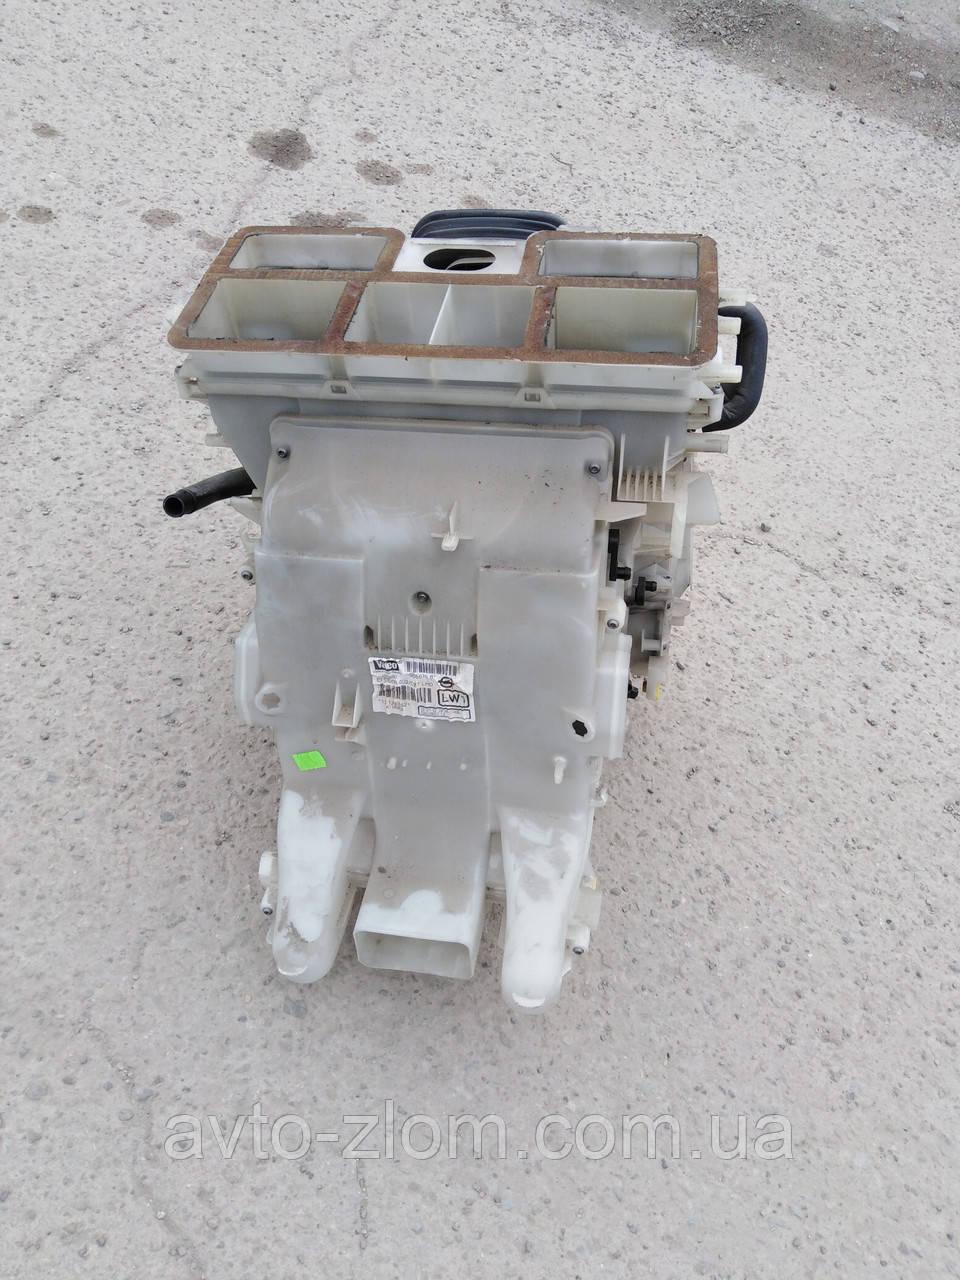 Корпус печки Opel Vectra C, Опель Вектра Ц. 495026593.